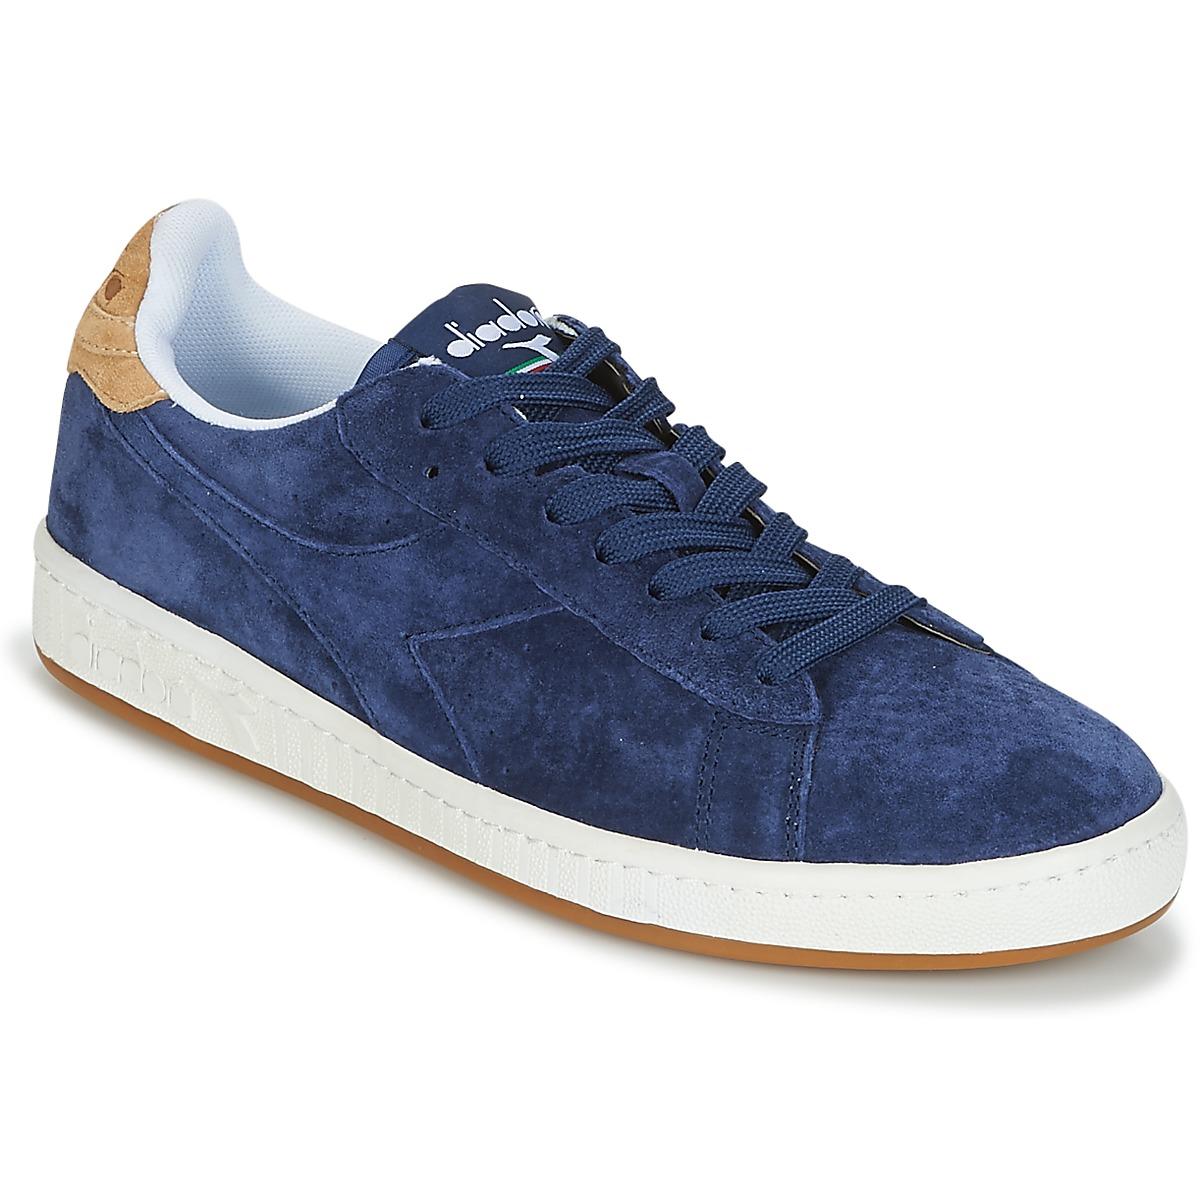 Diadora GAME LOW SUEDE Blau - Kostenloser Versand bei Spartoode ! - Schuhe Sneaker Low Herren 53,99 €